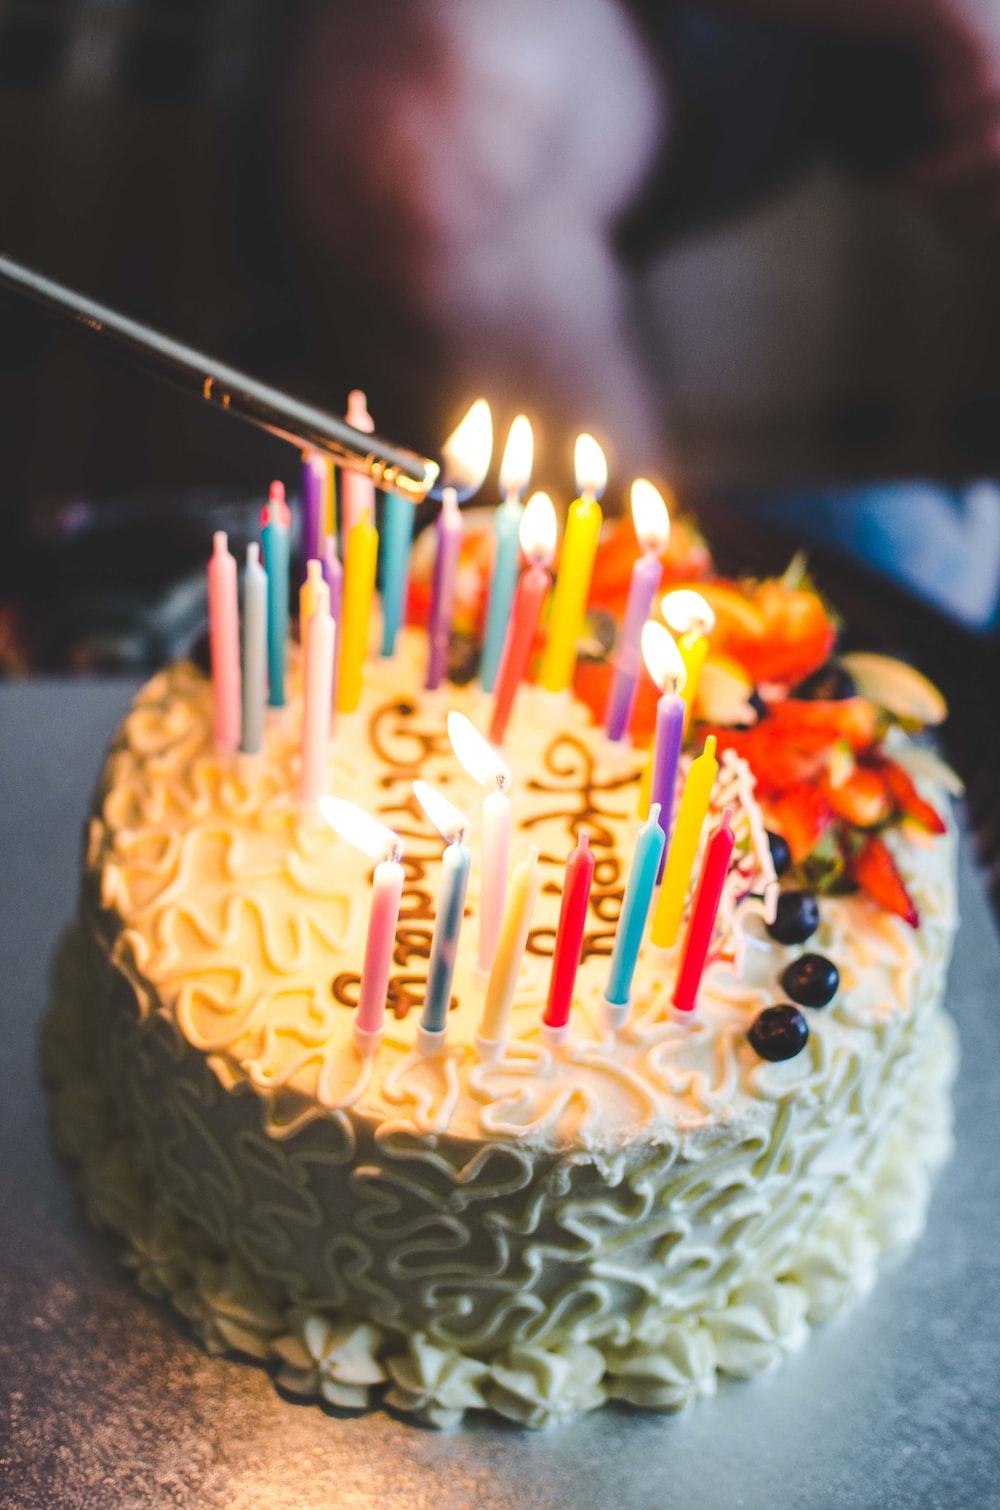 Icing Cake On Table Photo Free Birthday Cake Image On